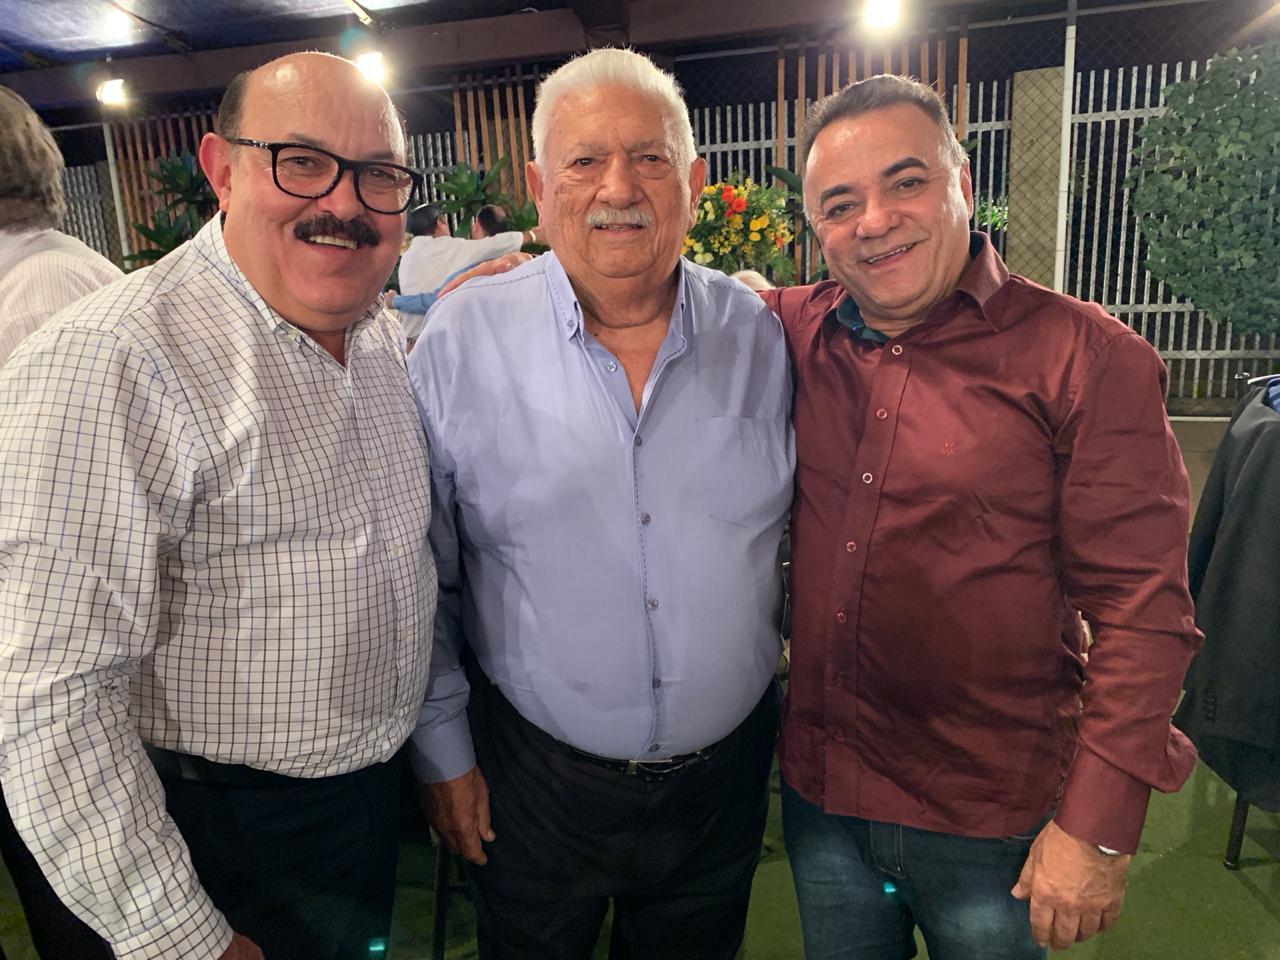 WhatsApp Image 2019 09 22 at 10.04.43 - Políticos e empresários comemoram os 90 anos de Zé Cavalcanti, em Cajazeiras - VEJA FOTOS E VÍDEOS